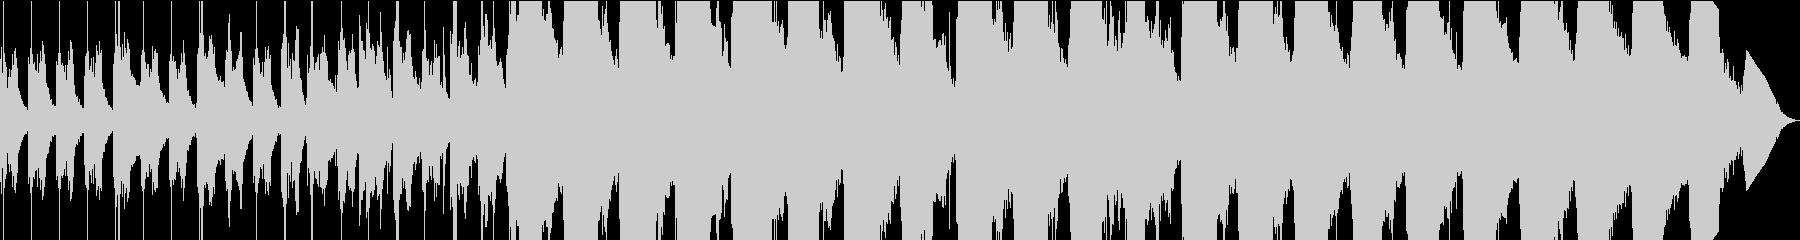 催眠音風景 #003の未再生の波形